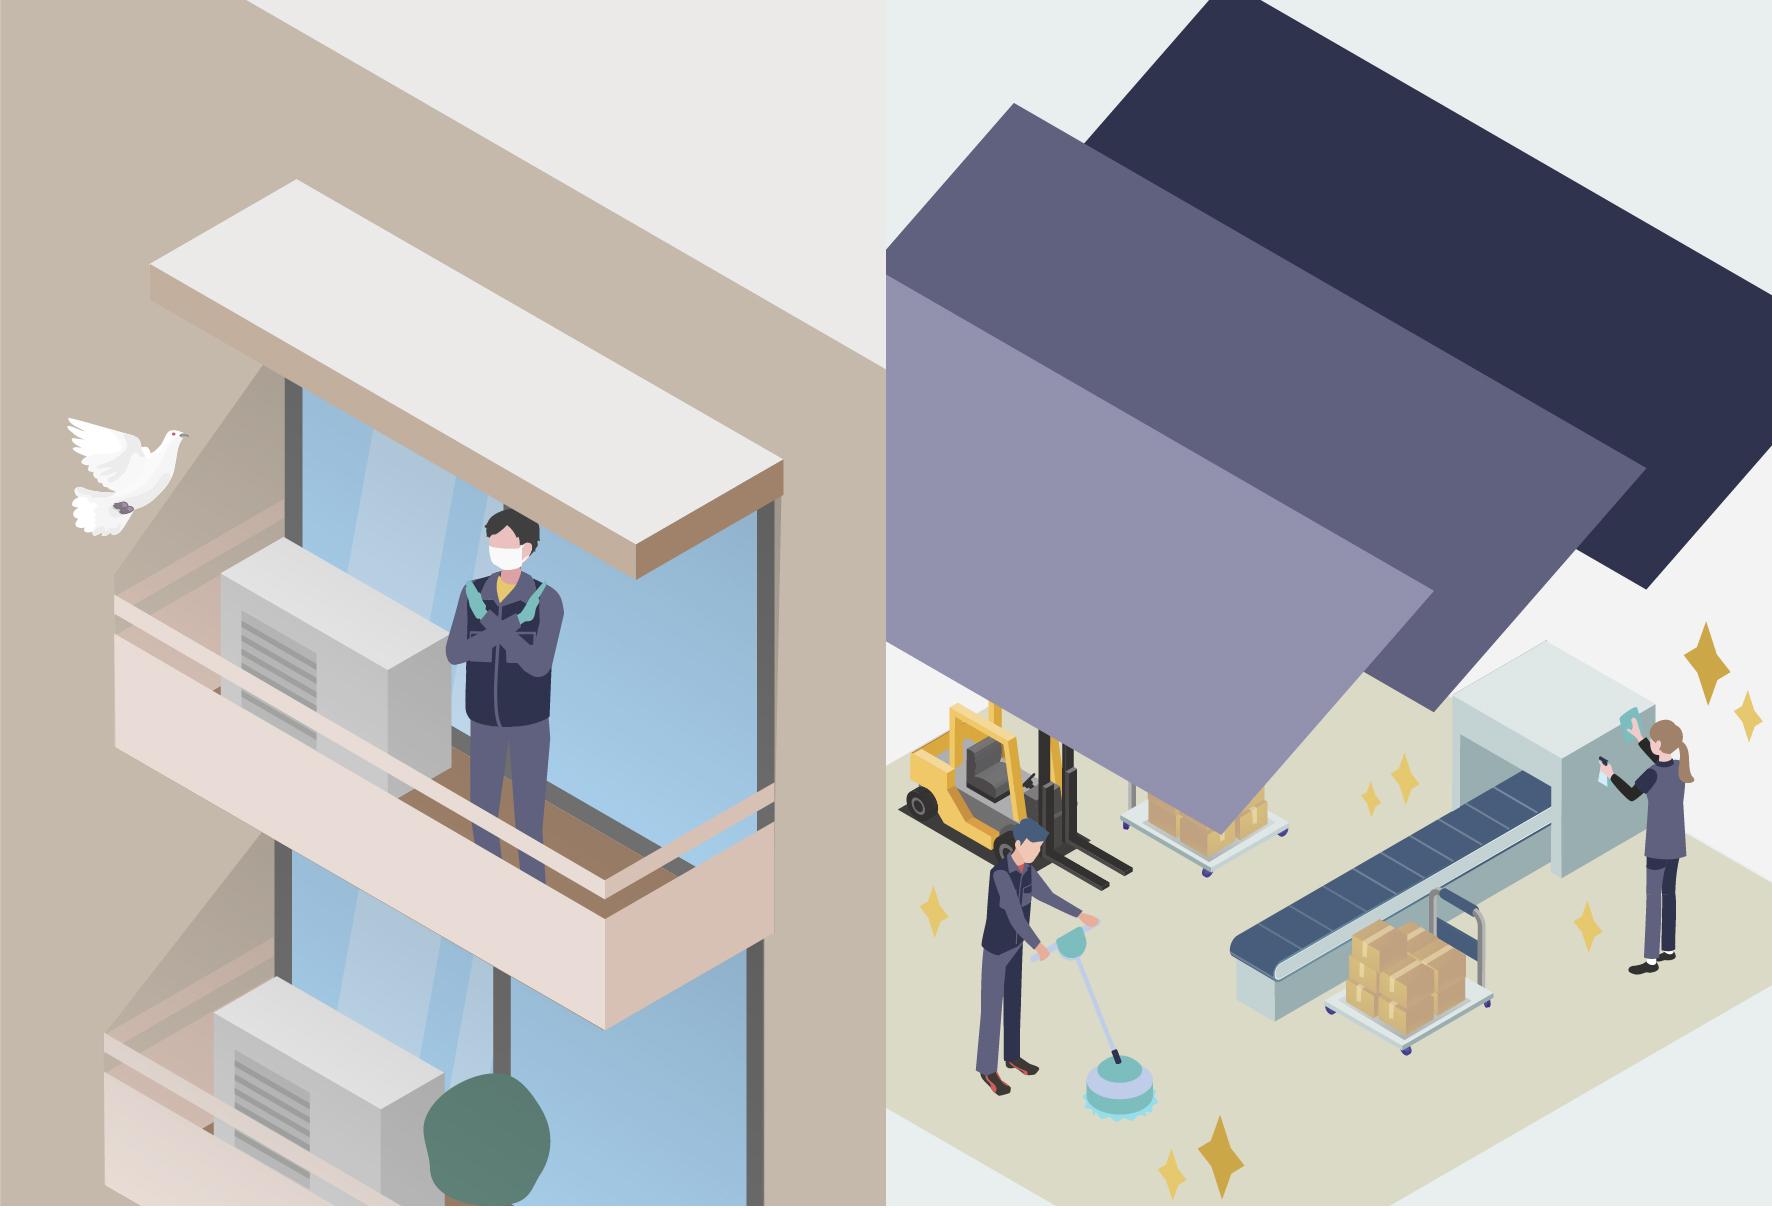 左部分では作業員の方が晁蓋を防ぐための方法を考えており、右部分では従業員の方が工場内の空調の除菌や消毒をしてピカピカなイメージ